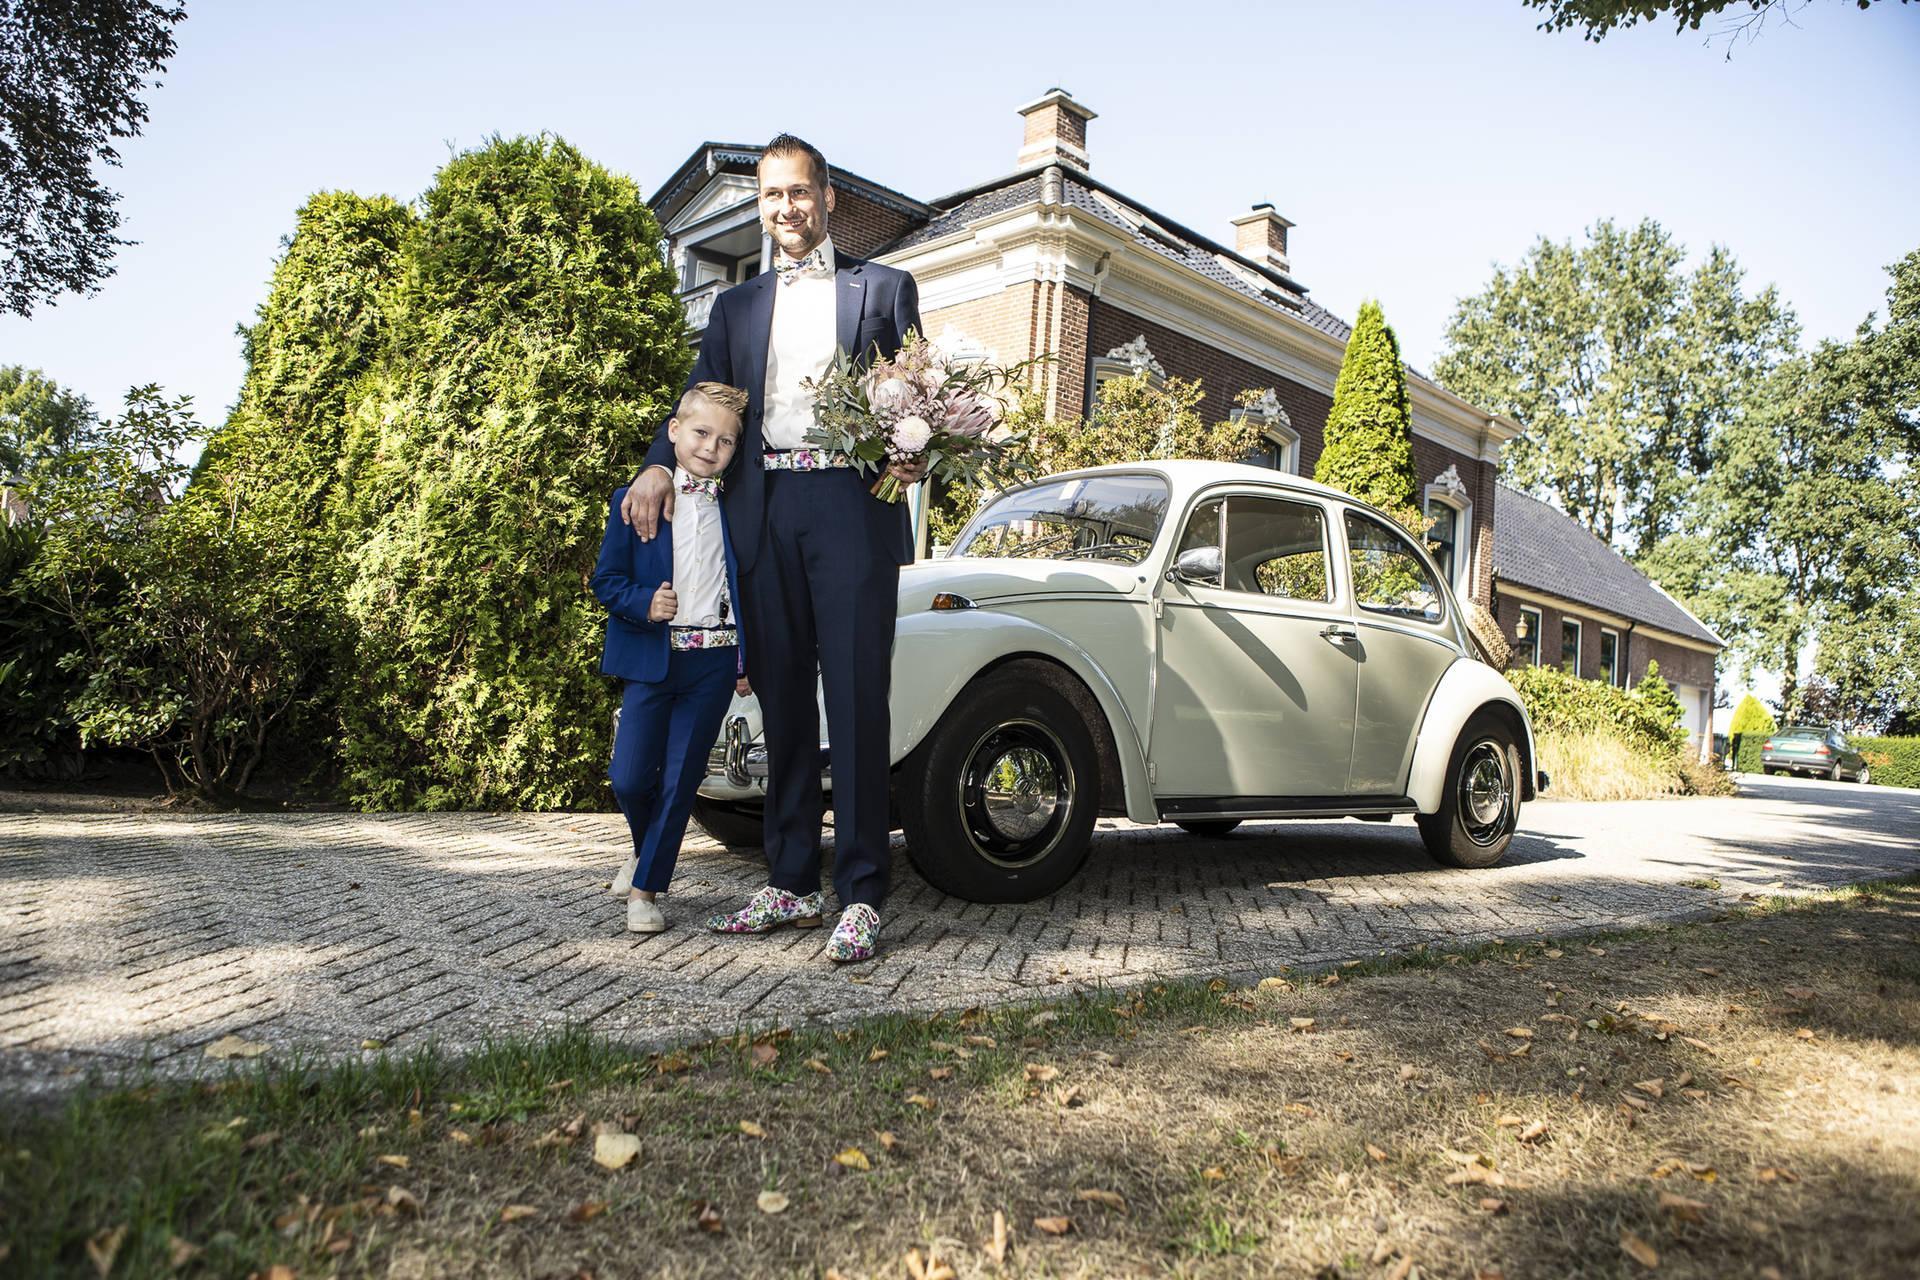 Cute: trouwpak twinning spektakel, zo vader zo zoon